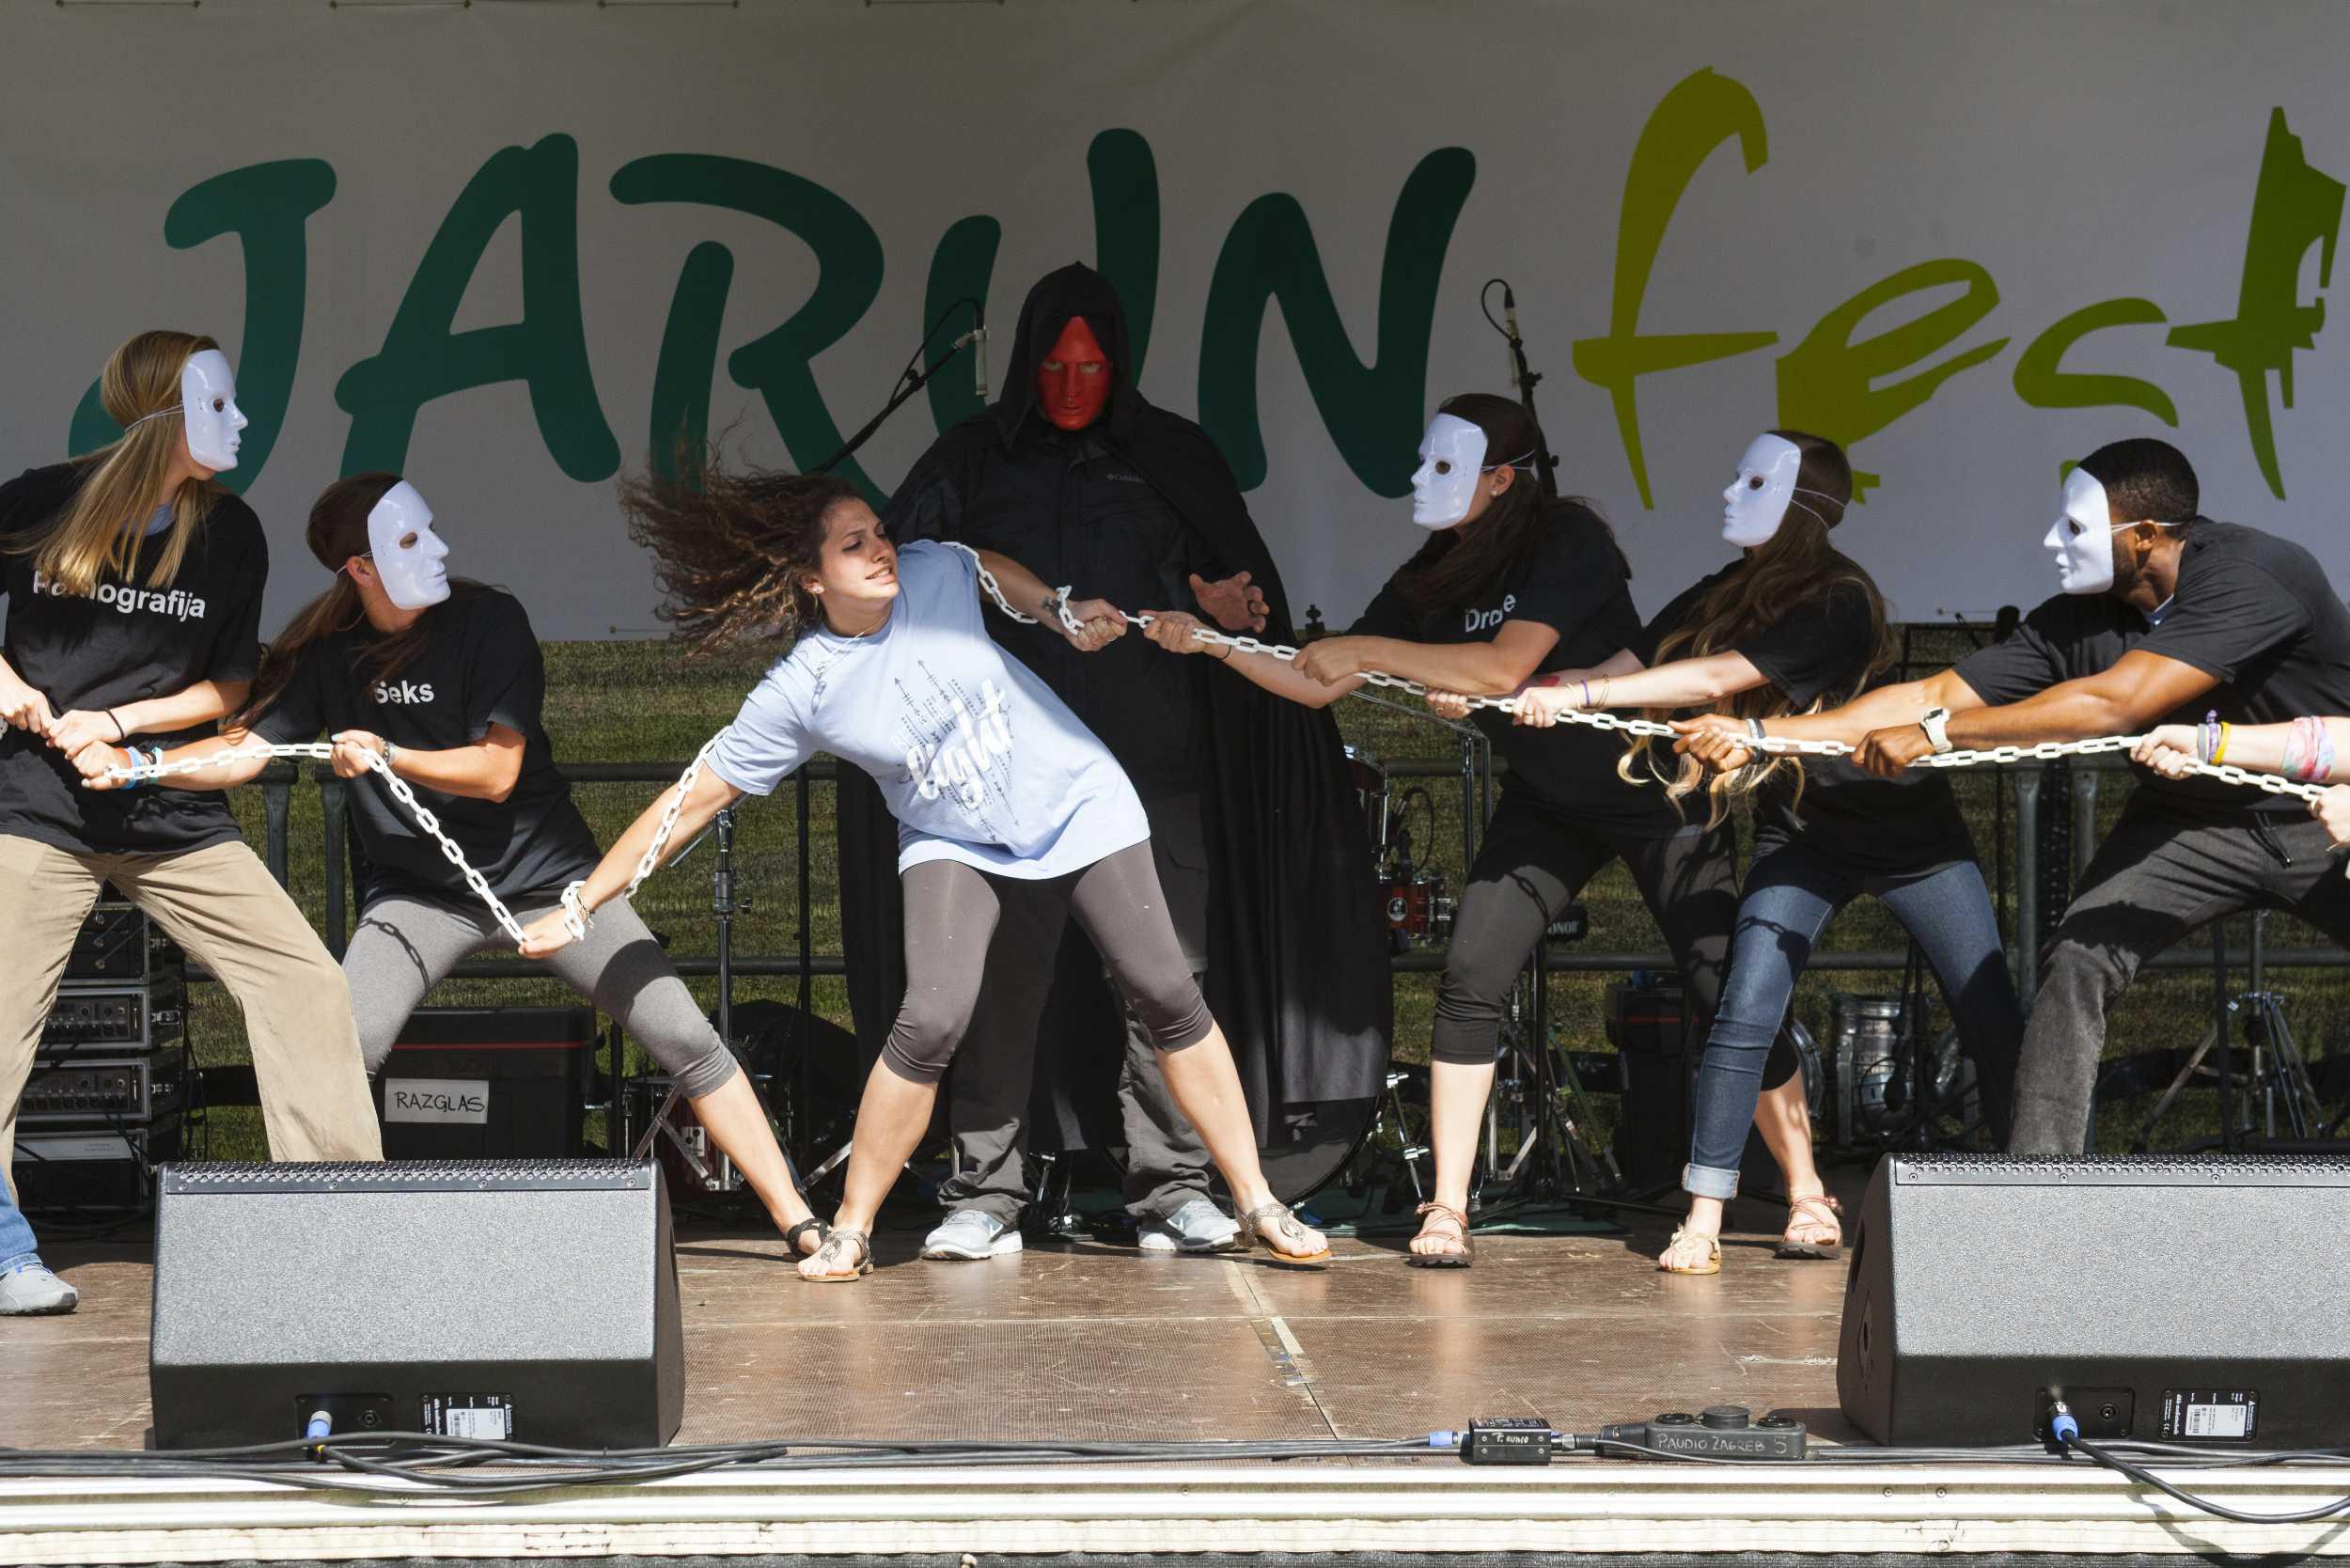 Jarunfest